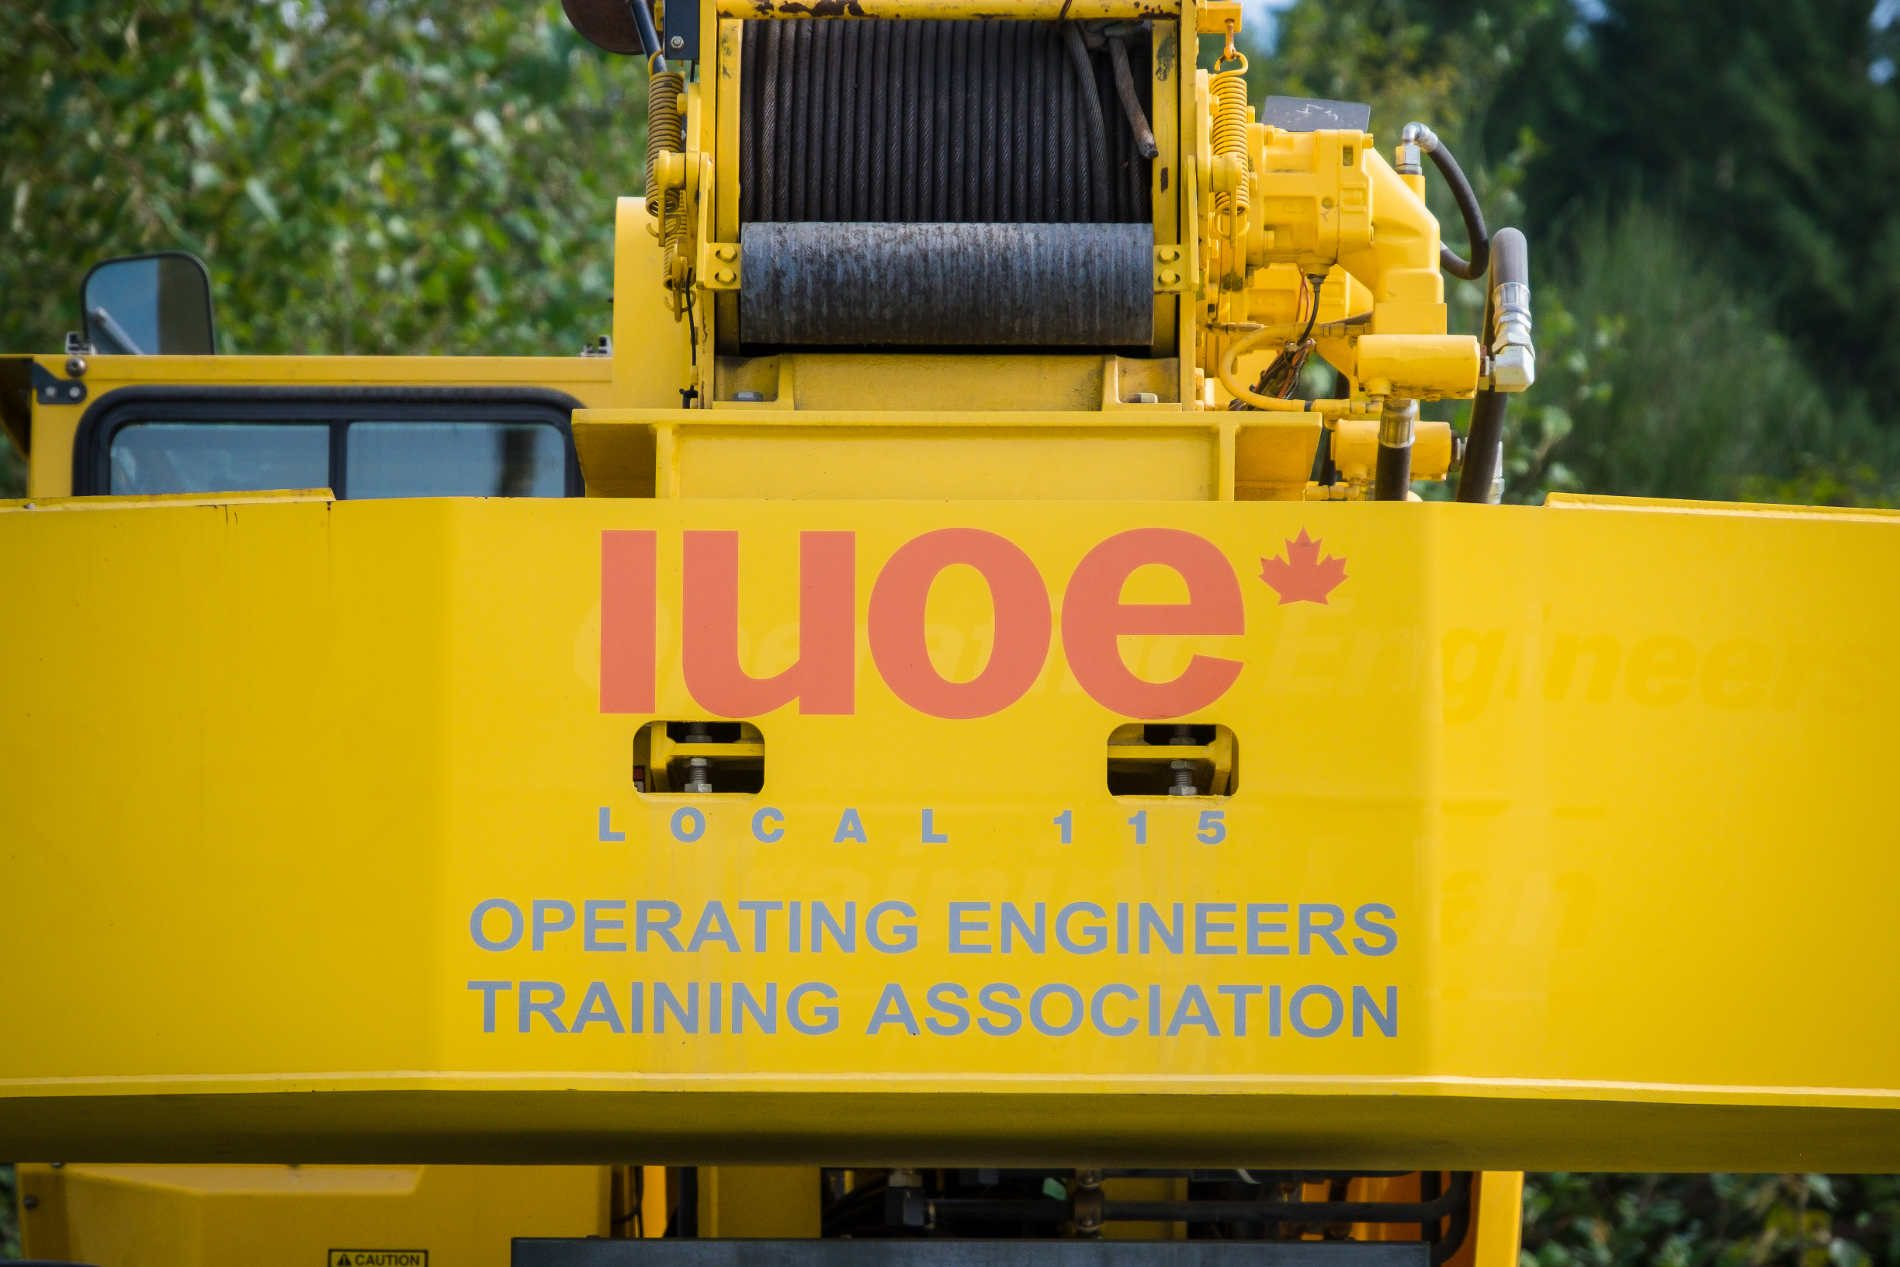 Courses - IUOE115